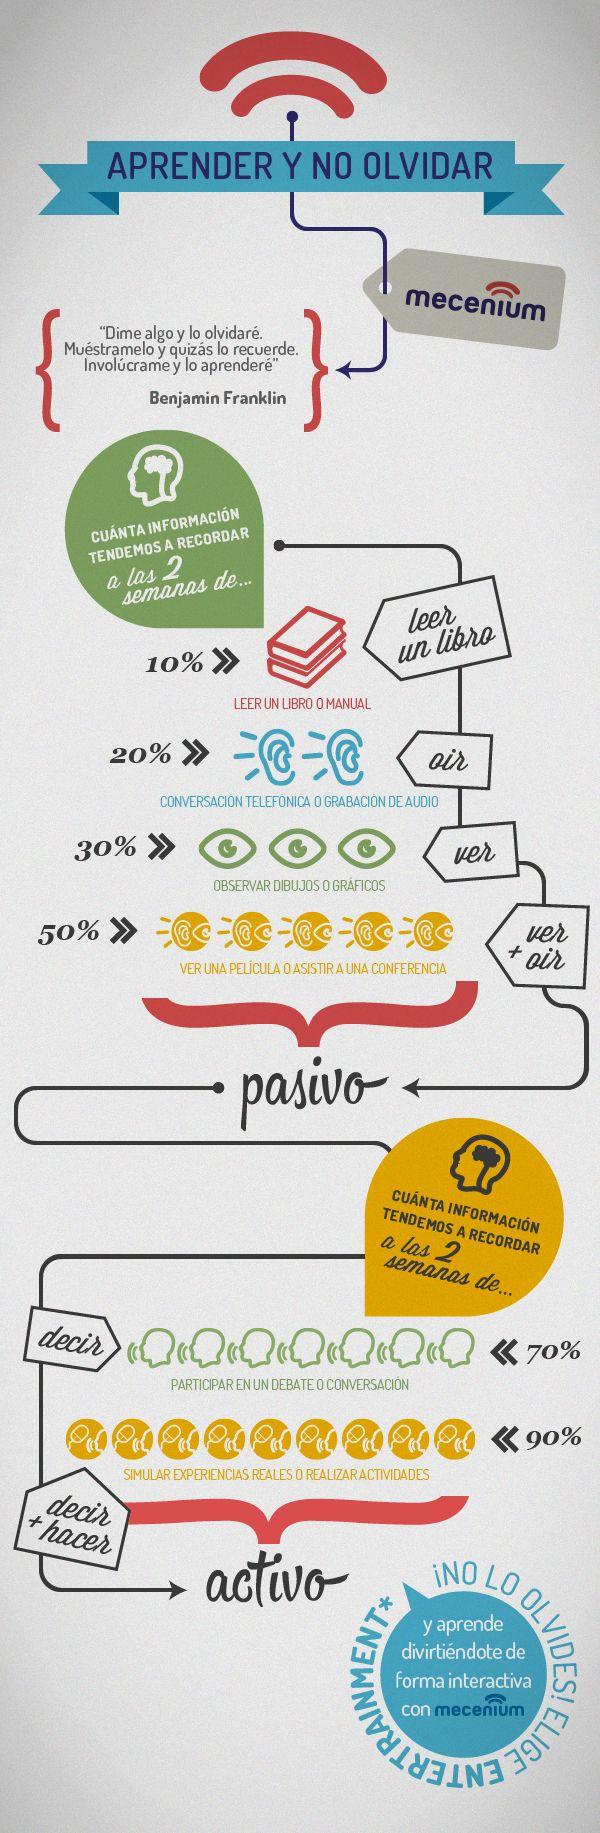 Cómo aprender y no olvidar #infografia #infographic #education